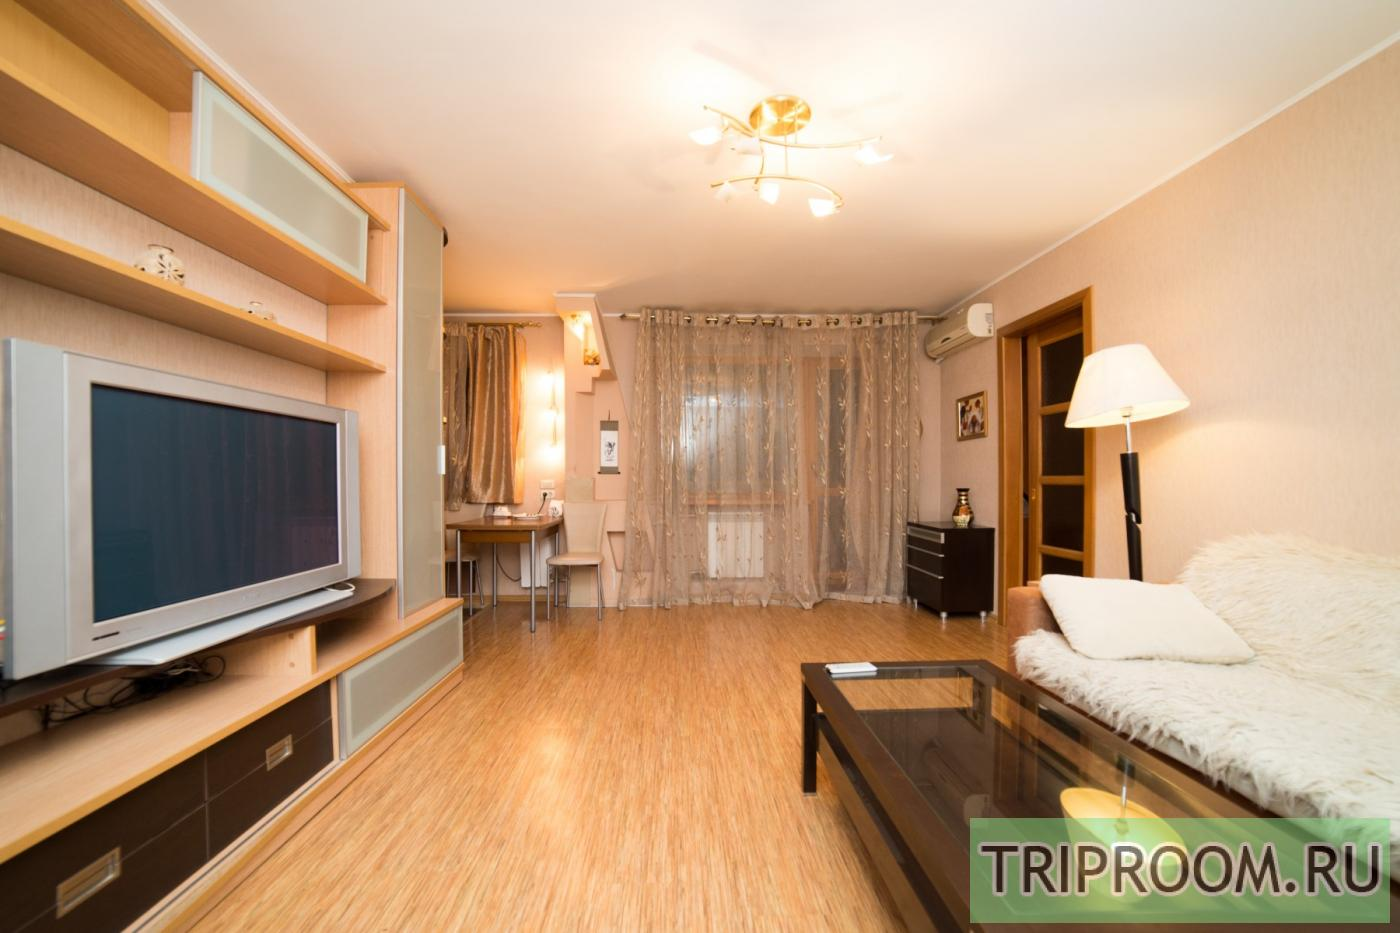 2-комнатная квартира посуточно (вариант № 27140), ул. Ленина улица, фото № 1